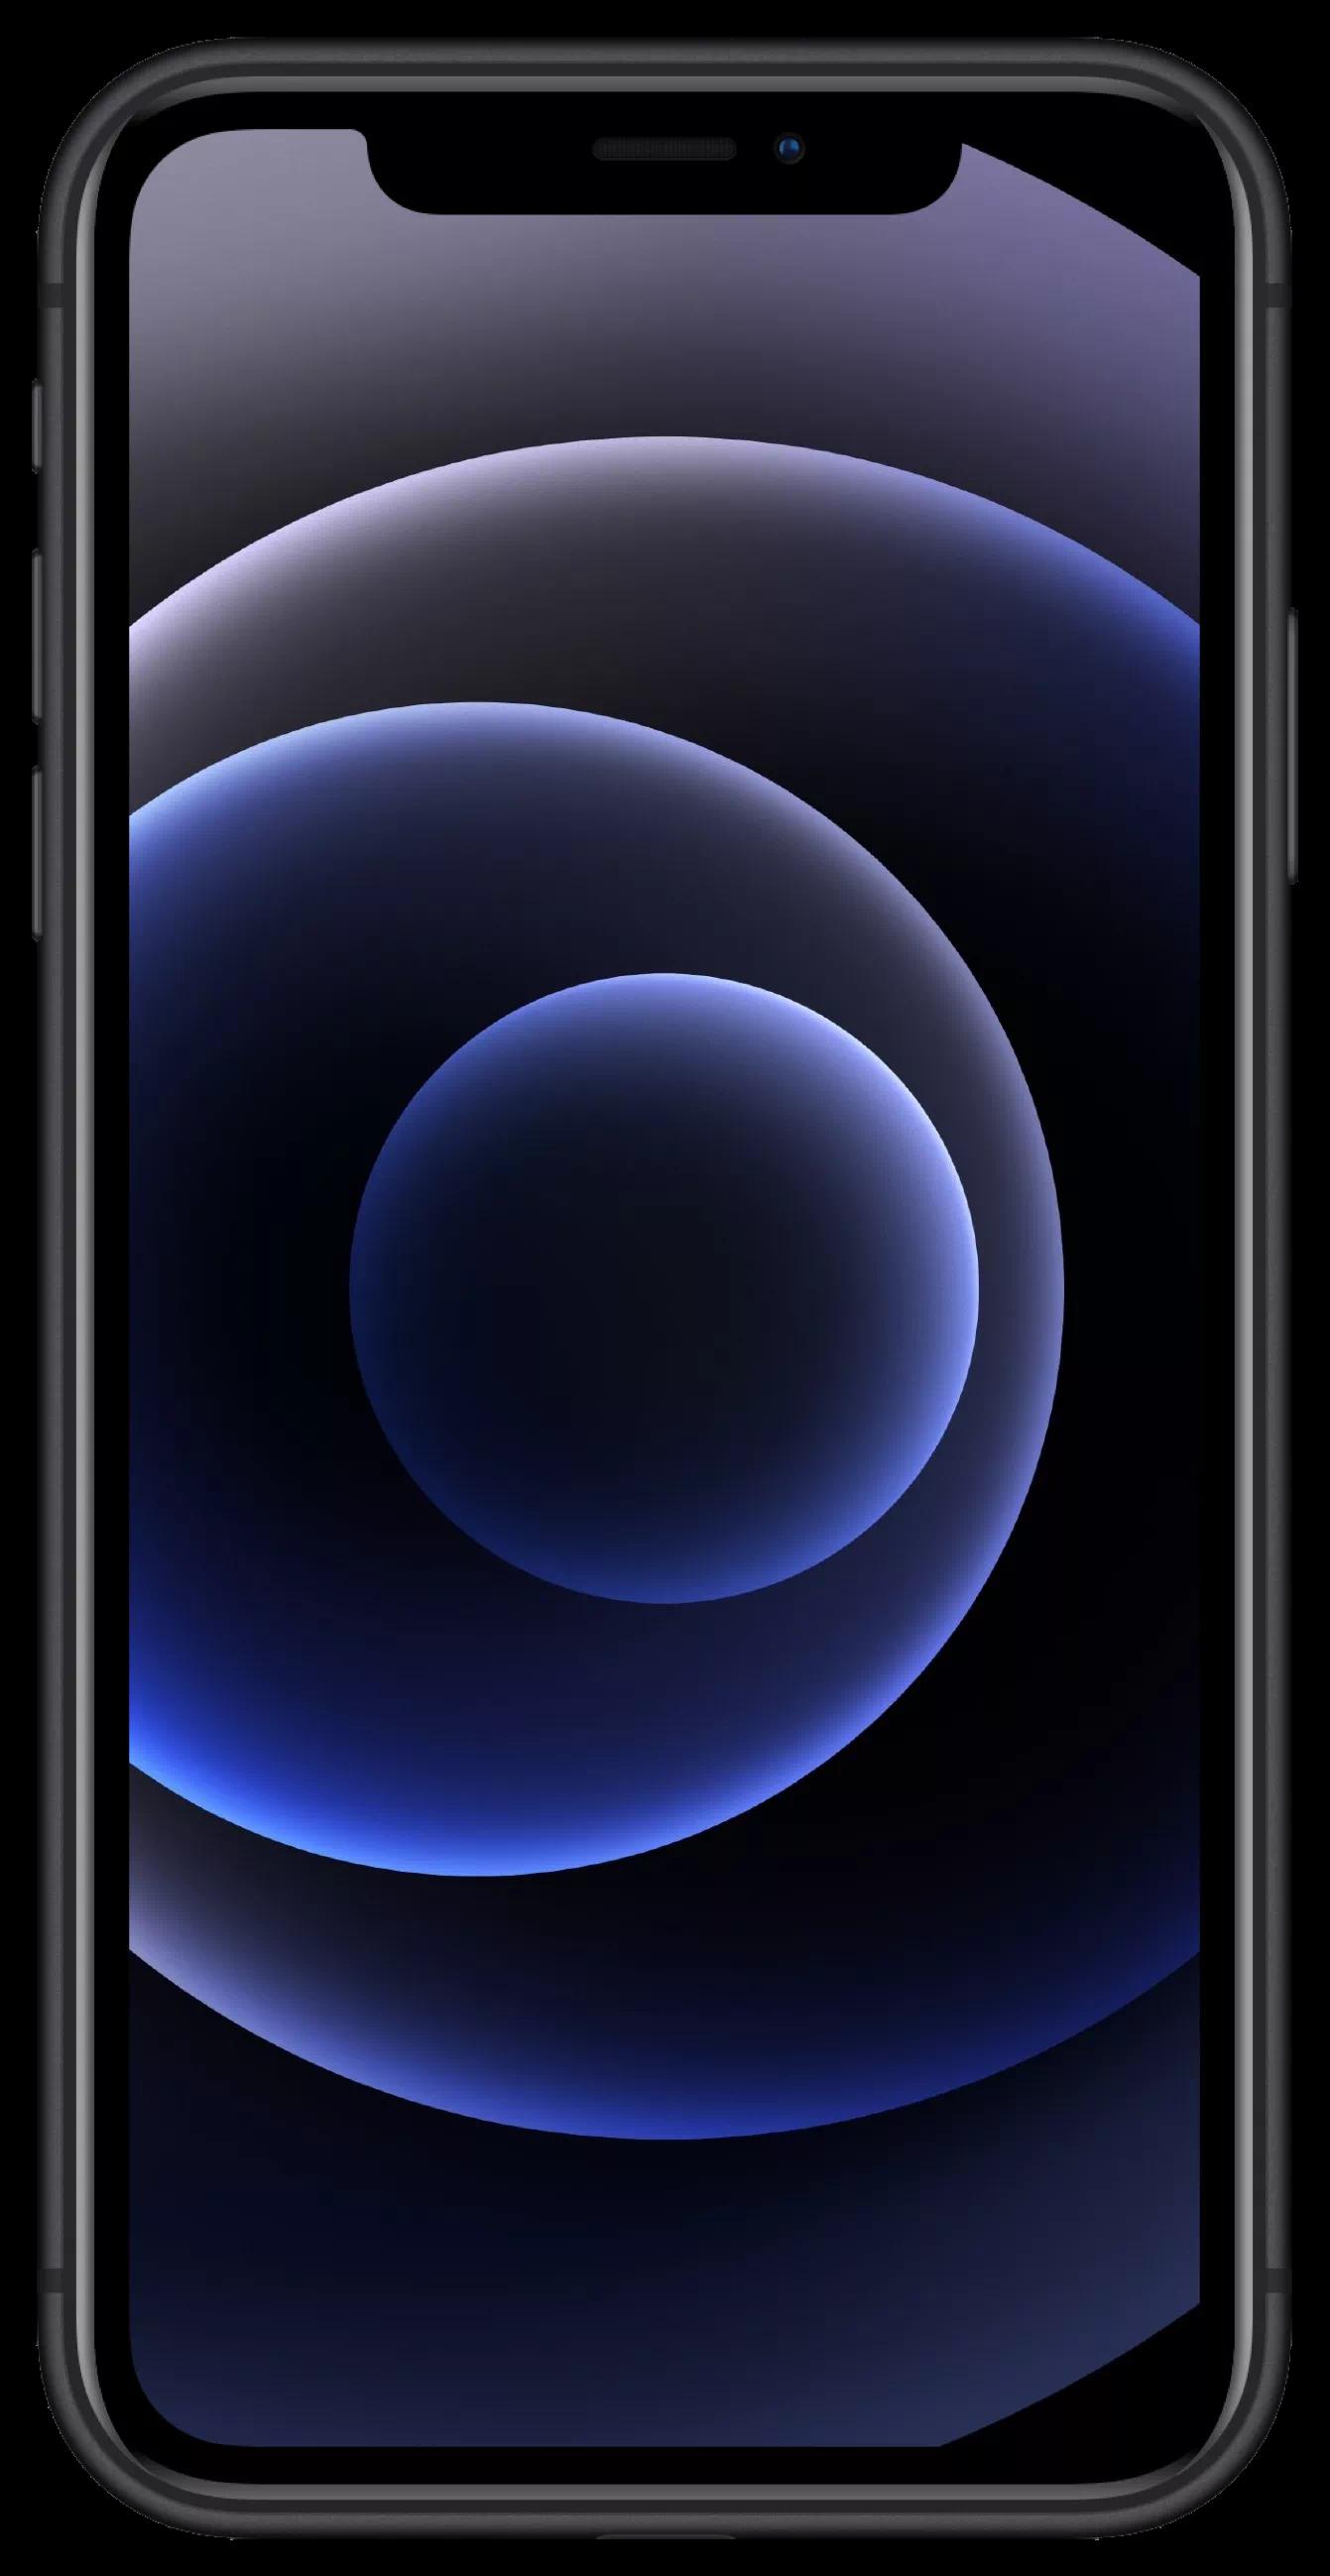 苹果 iPhone 12 原生壁纸下载(10P)